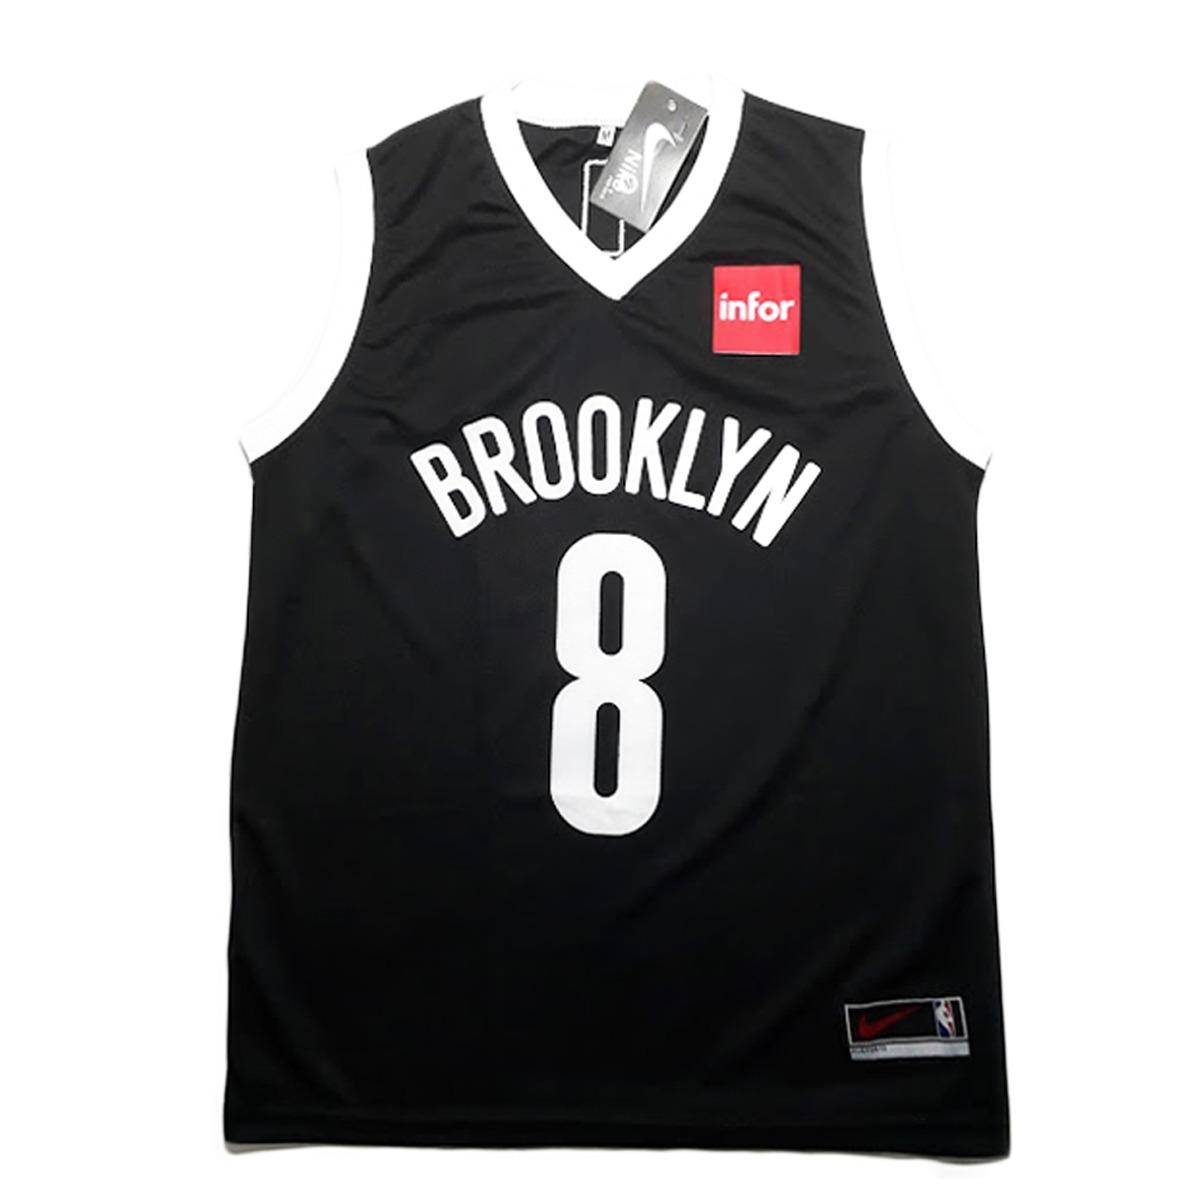 429be1040aca0 Camisa Regata De Basquete Brooklyn Nets Nba - R  38